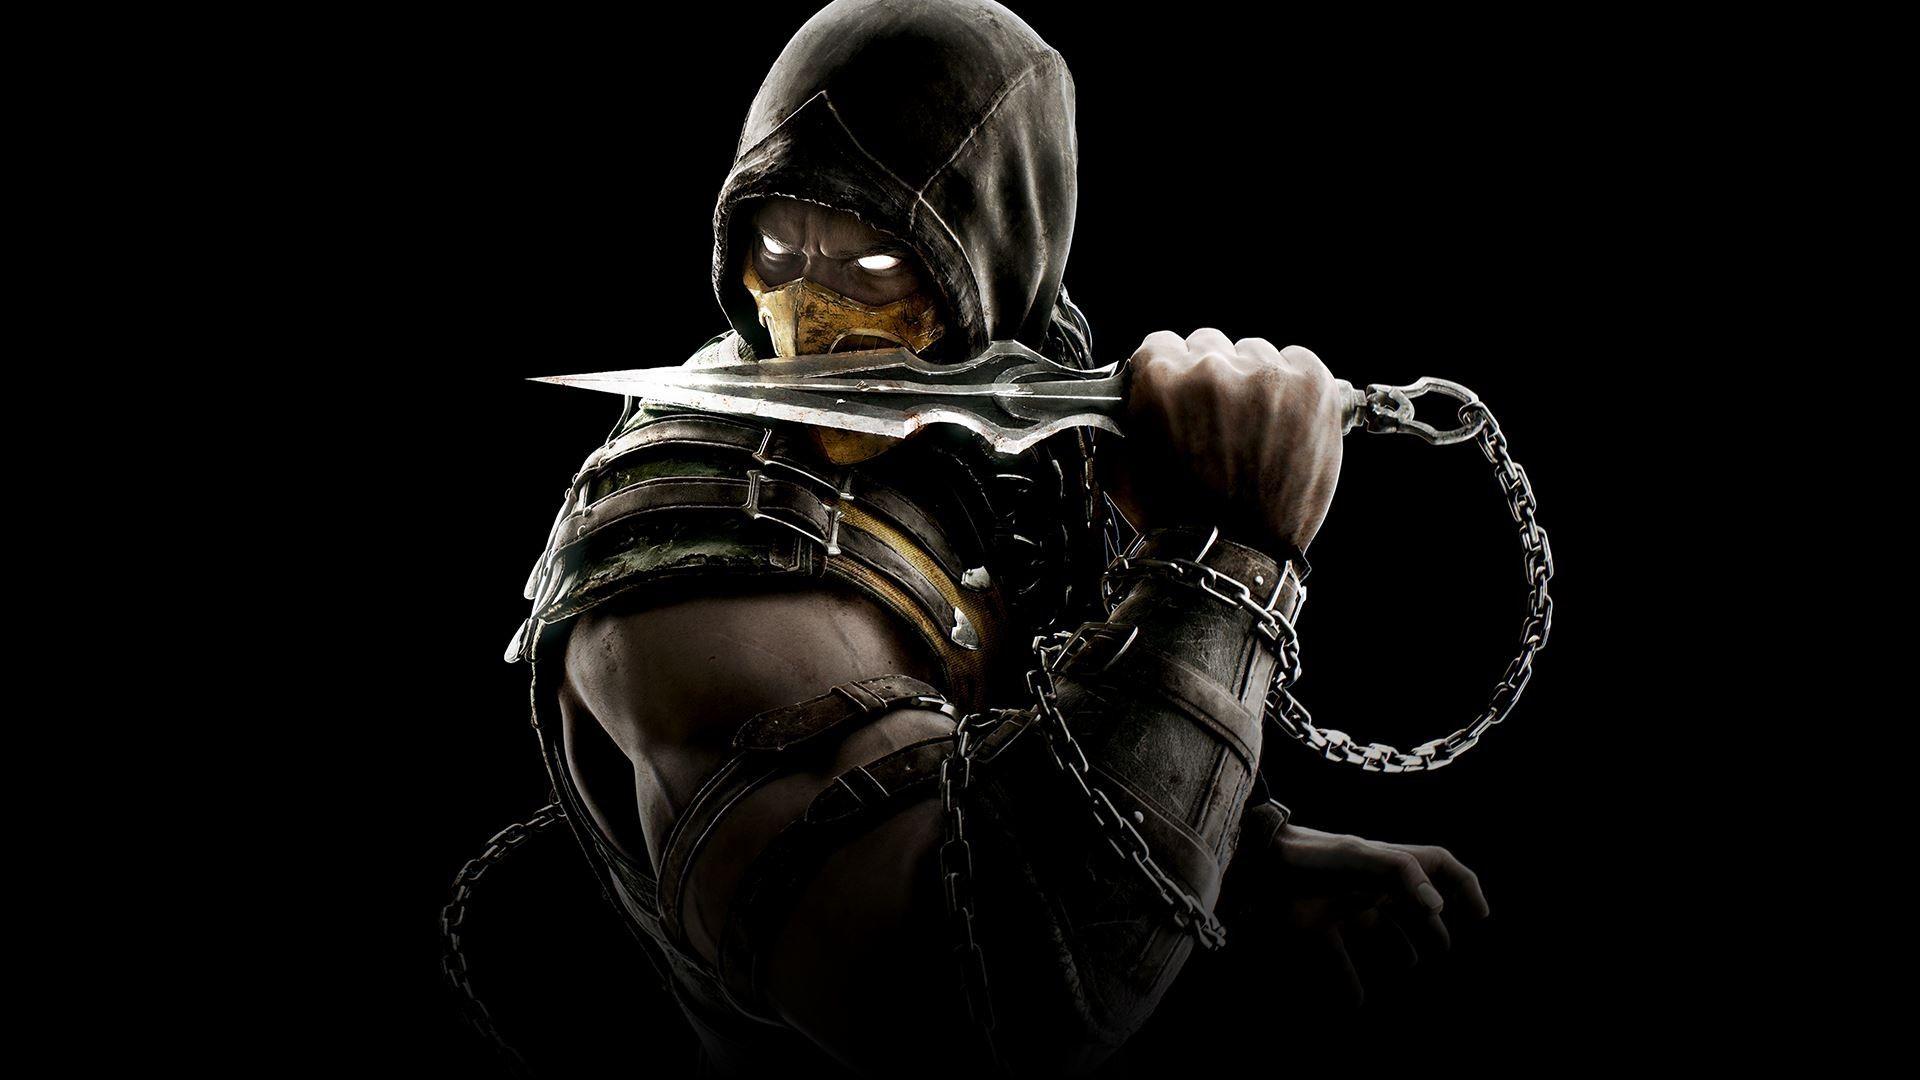 Ultra Hd K Mortal Kombat X Wallpapers Hd Desktop Backgrounds Scorpion Mortal Kombat Mortal Kombat Art Mortal Kombat X Wallpapers